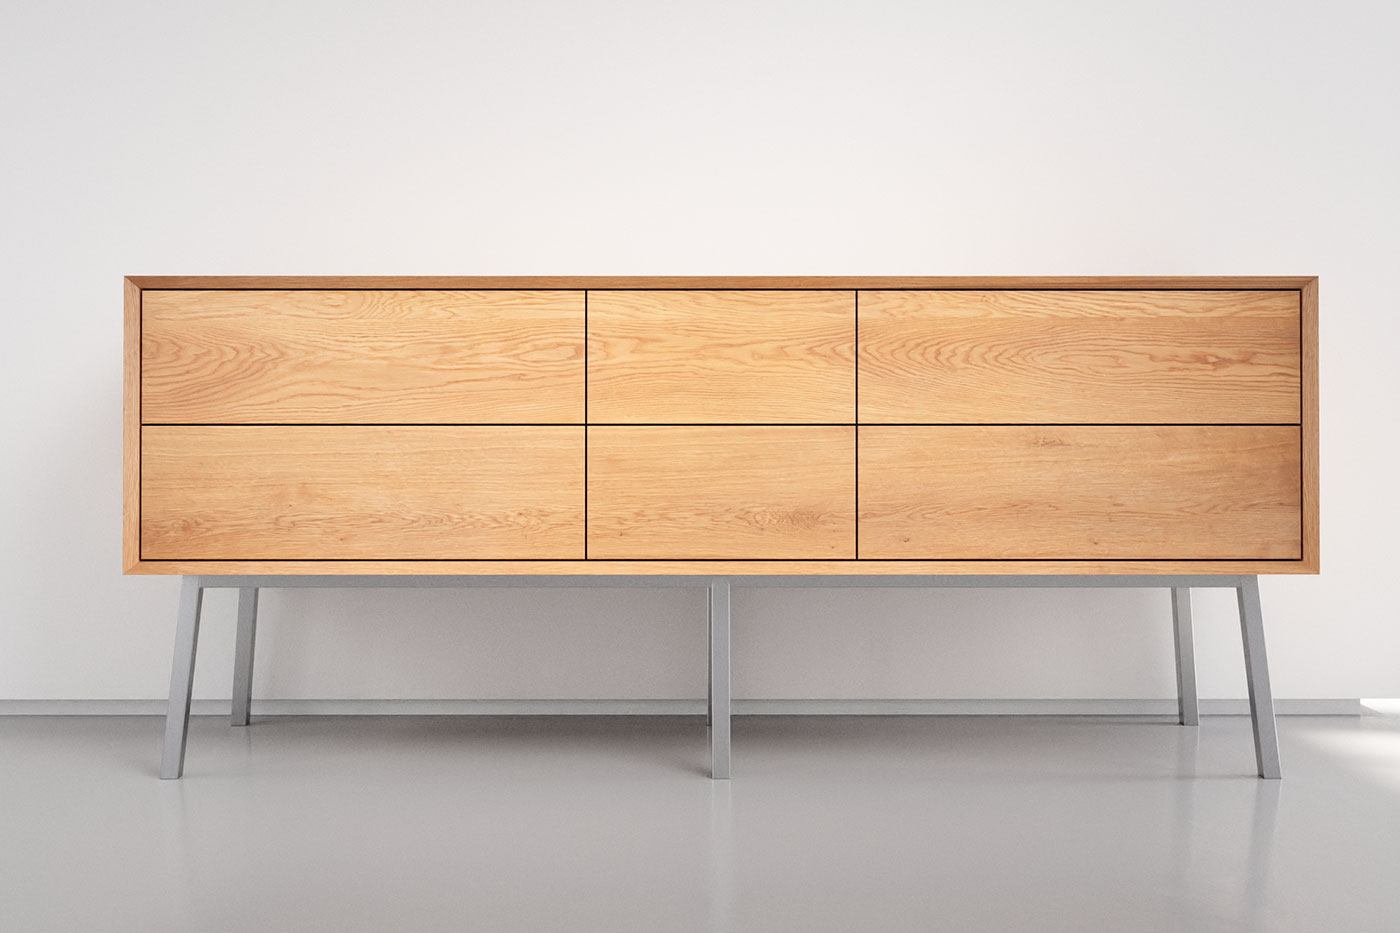 Eiche Sideboard modern 6 Schubladen